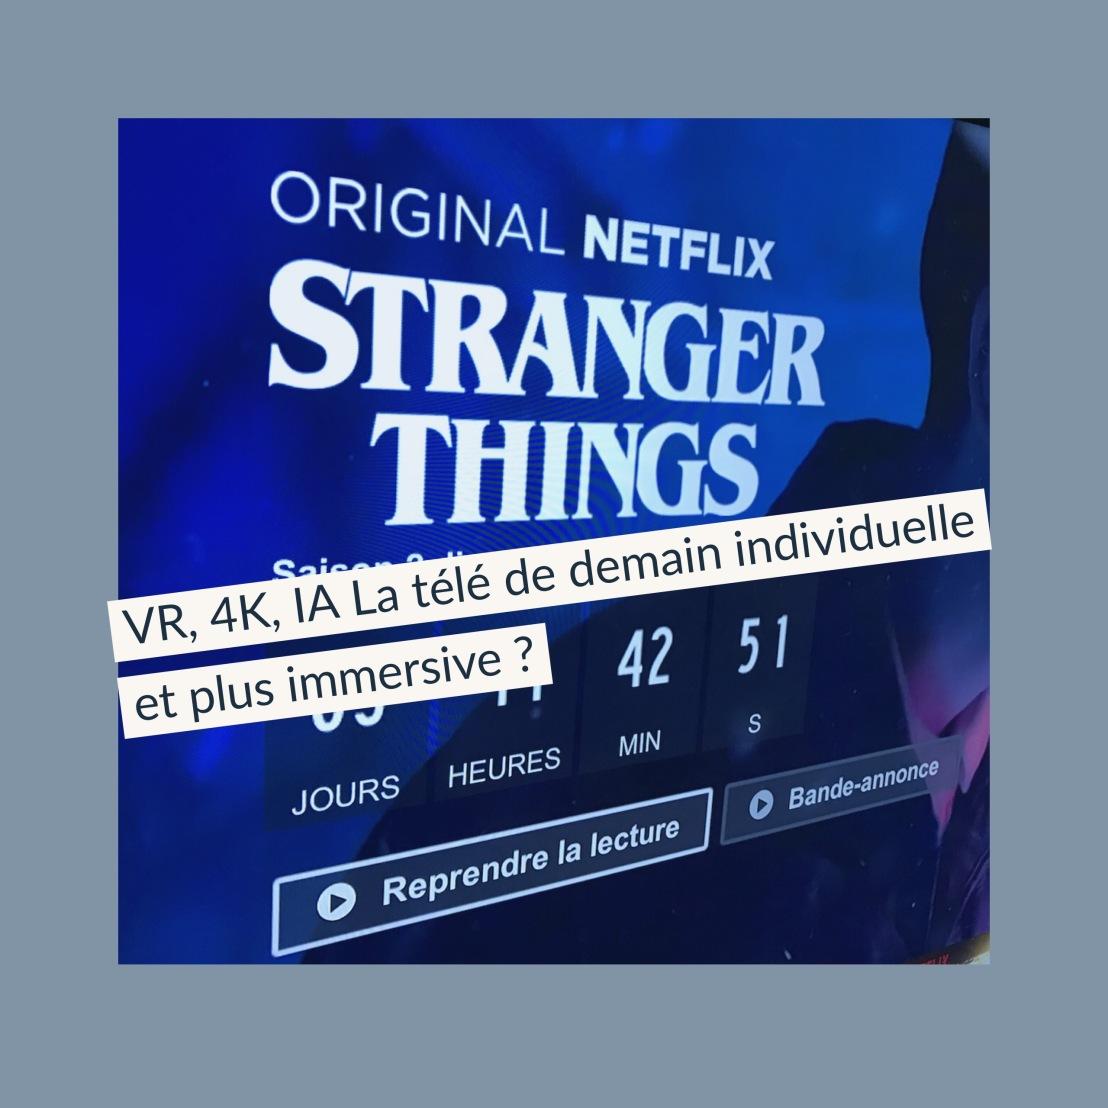 La télé de demain individuelle et plus immersive?